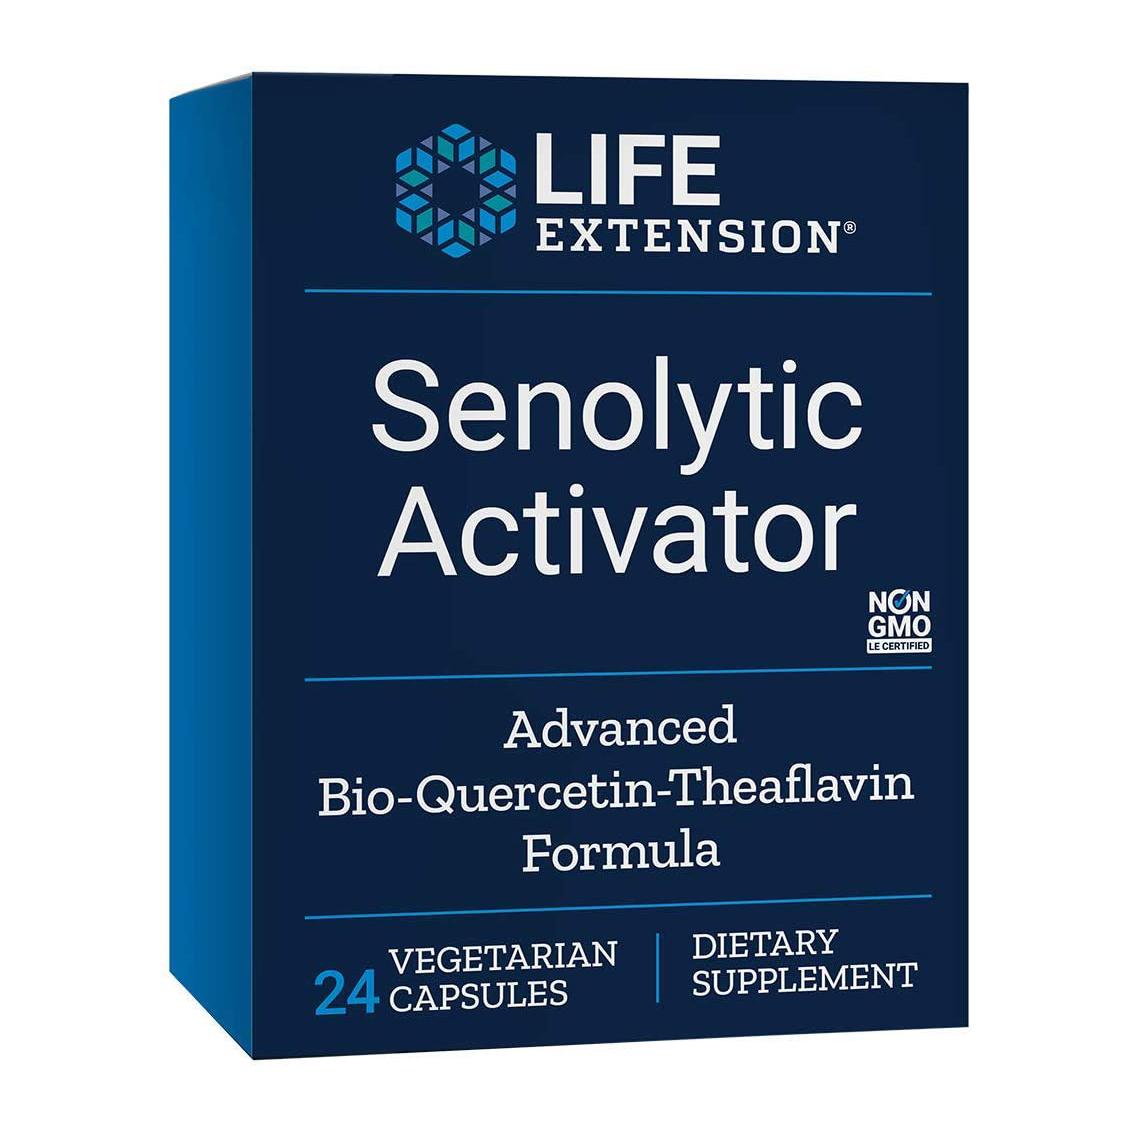 Life 祝日 Extension ライフエクステンション Senolytic Activator セノリティック 海外直送品 値下げ 36ベジタリアンカプセル アクティベーター